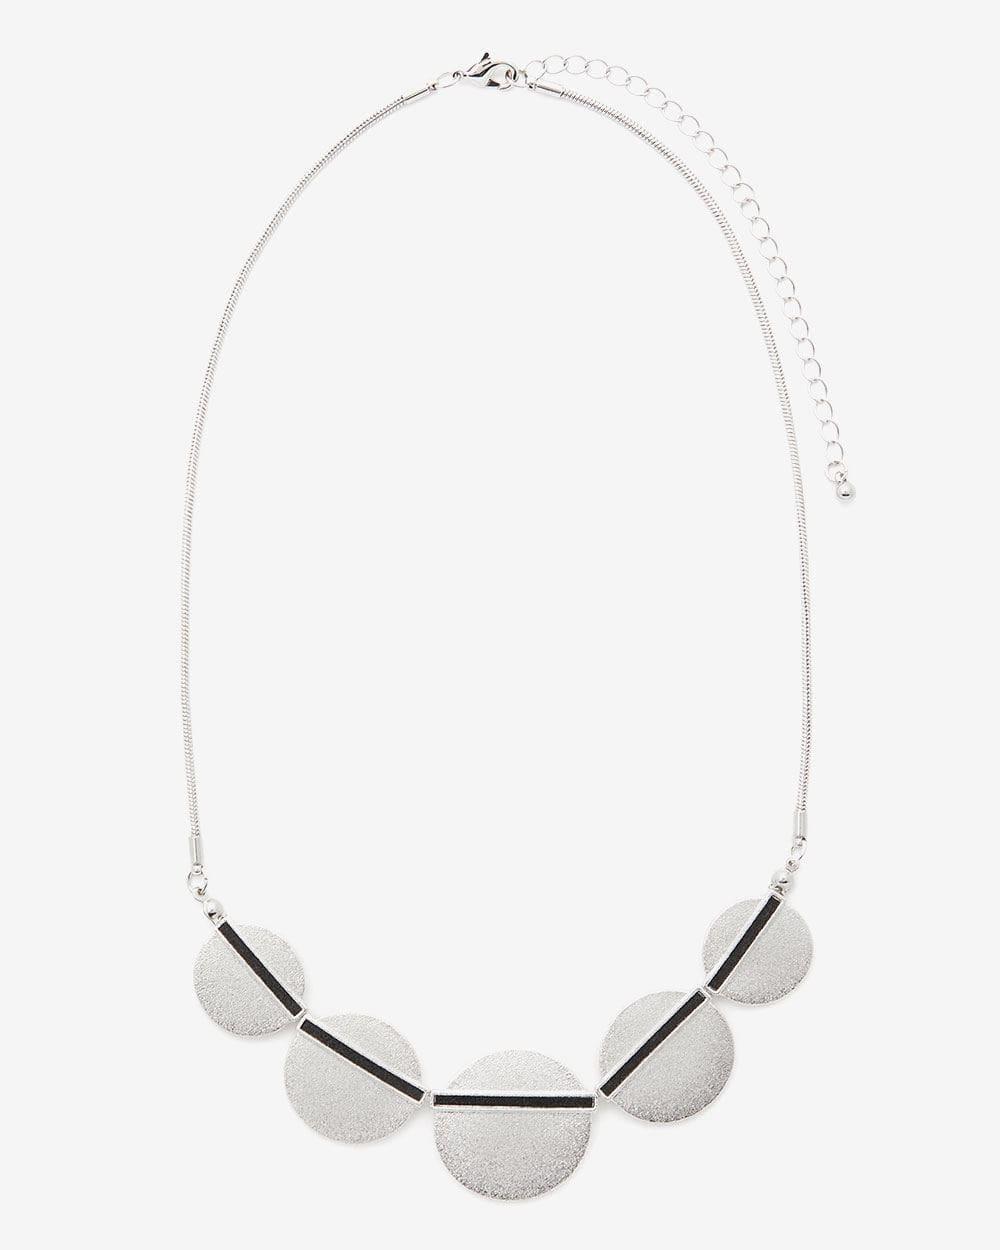 5-Piece Necklace